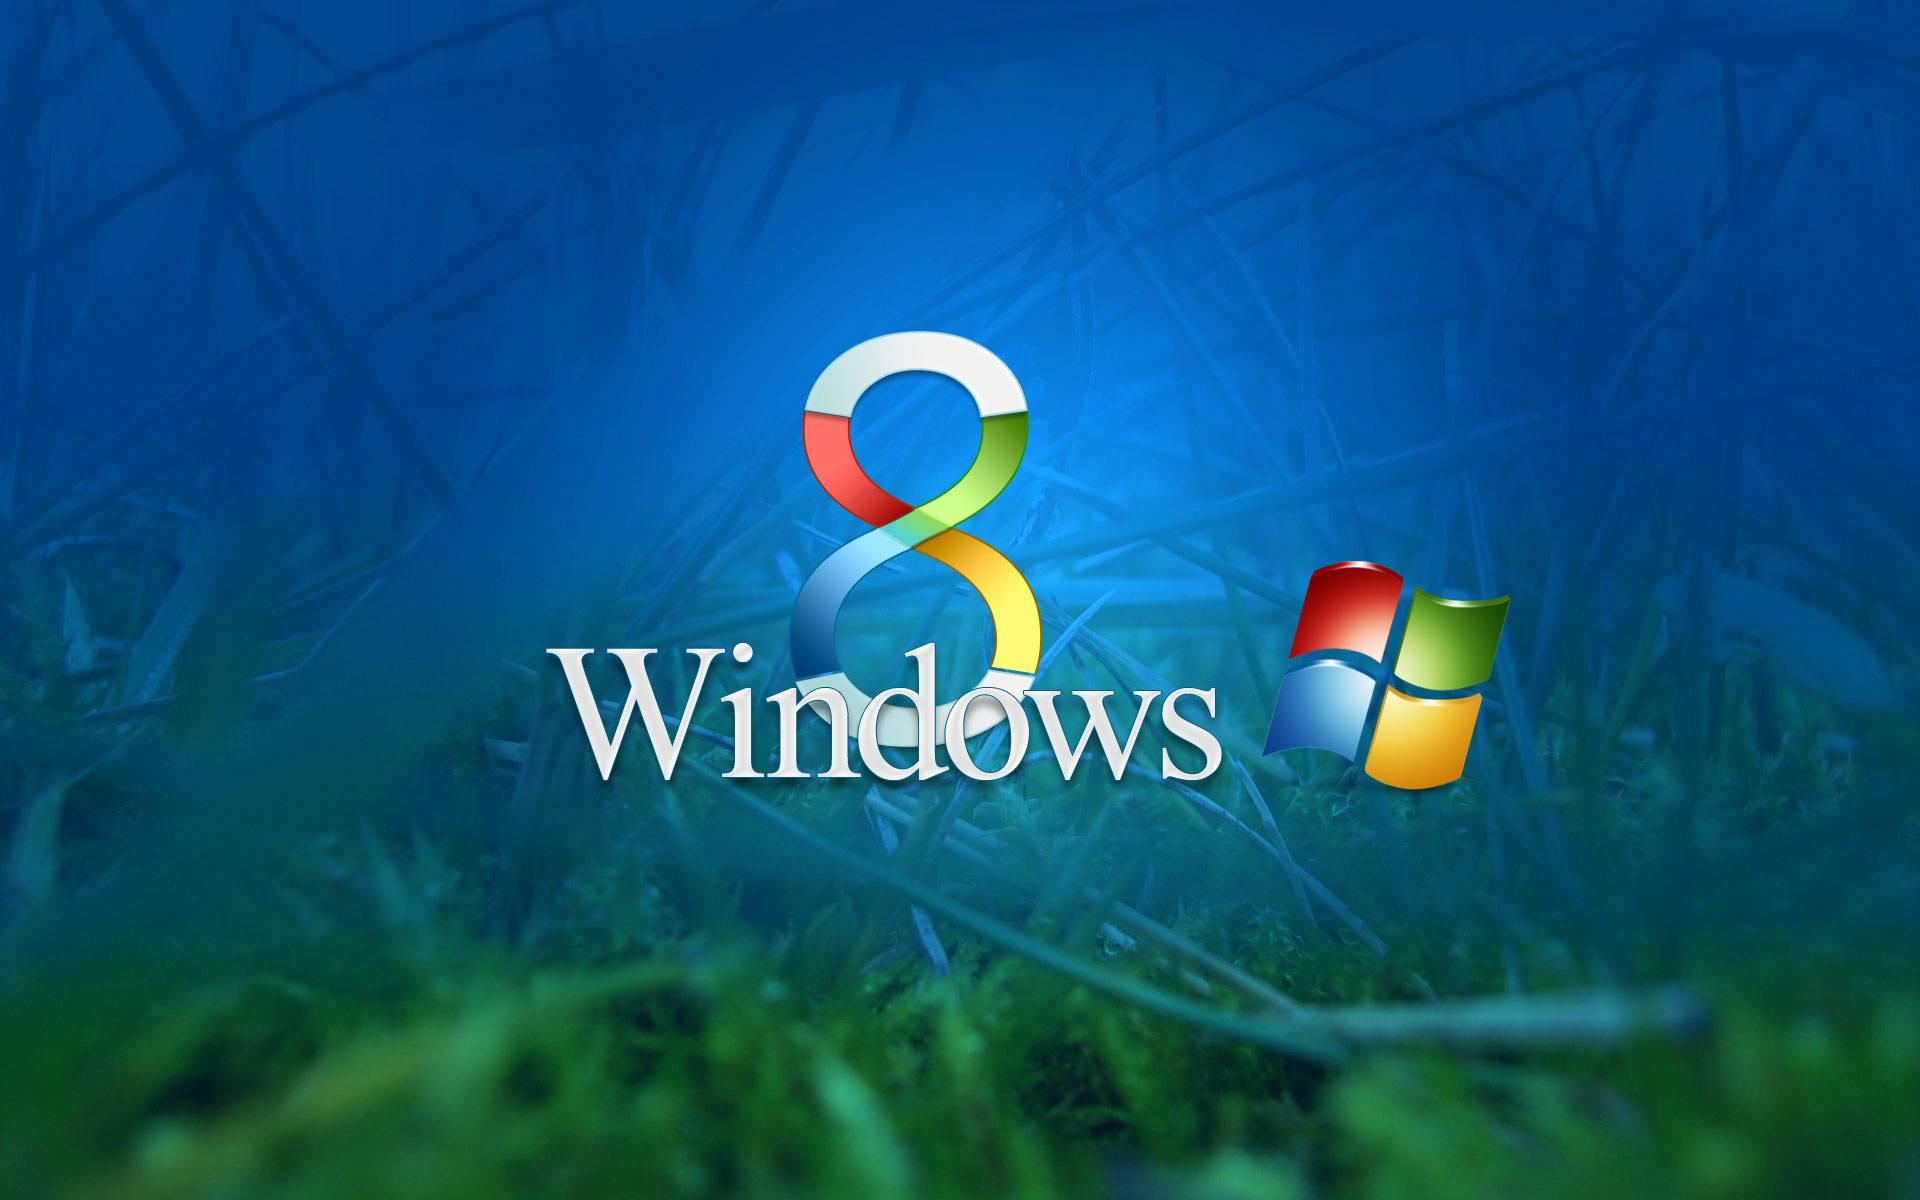 3d Animated Desktop Wallpaper For Windows 8 Vinnyoleo Vegetalinfo